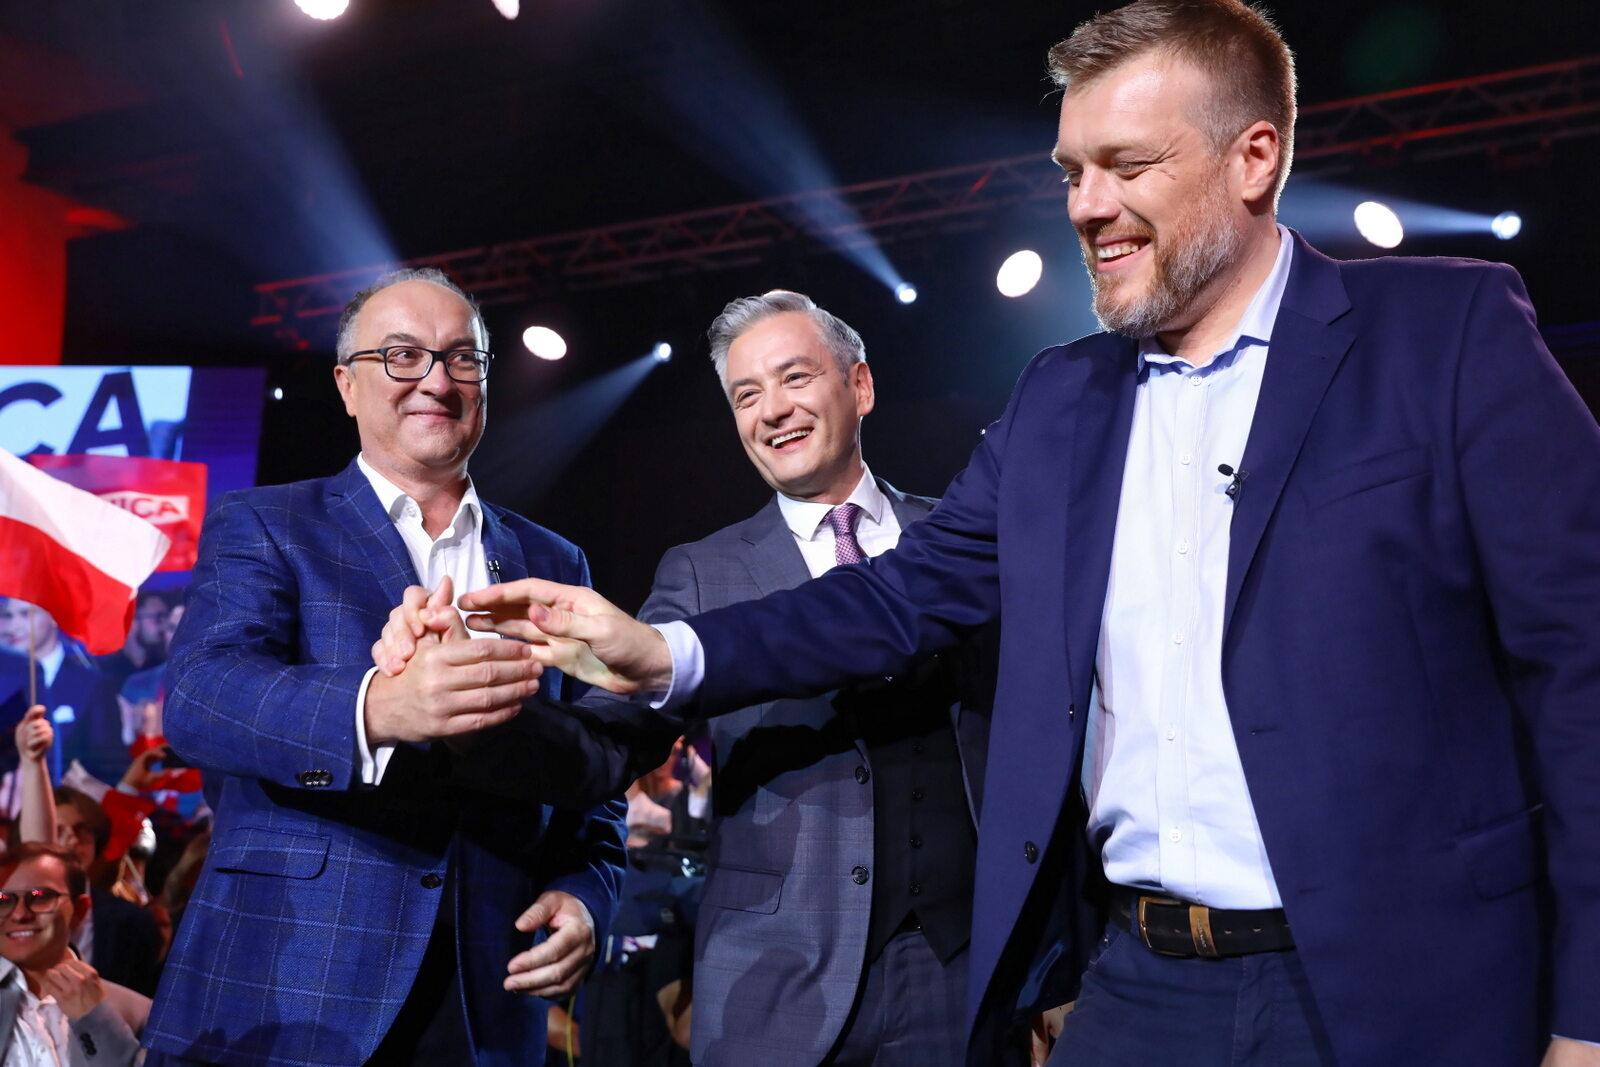 Od lewej: Włodzimierz Czarzasty, Robert Biedroń i Adrian Zandberg